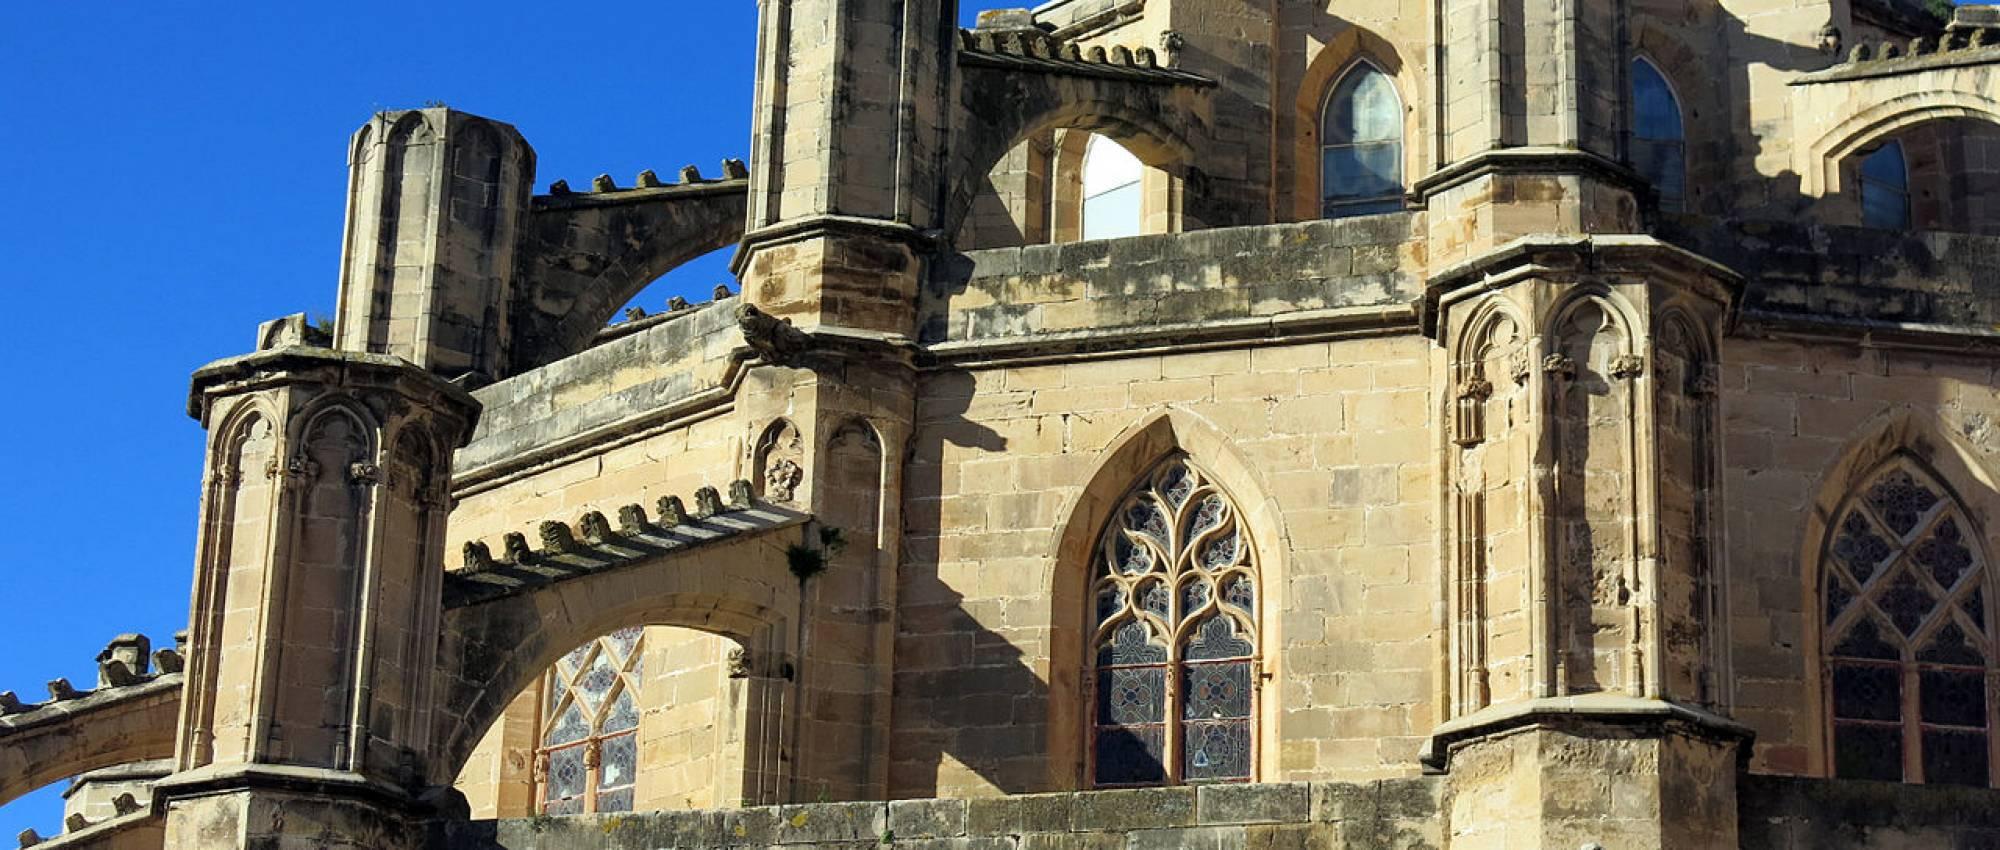 Contraforts i arcbotants de l'absis de la catedral de Sta. Maria de Tortosa. Enric / Wikimedia Commons. CC BY-SA 3.0